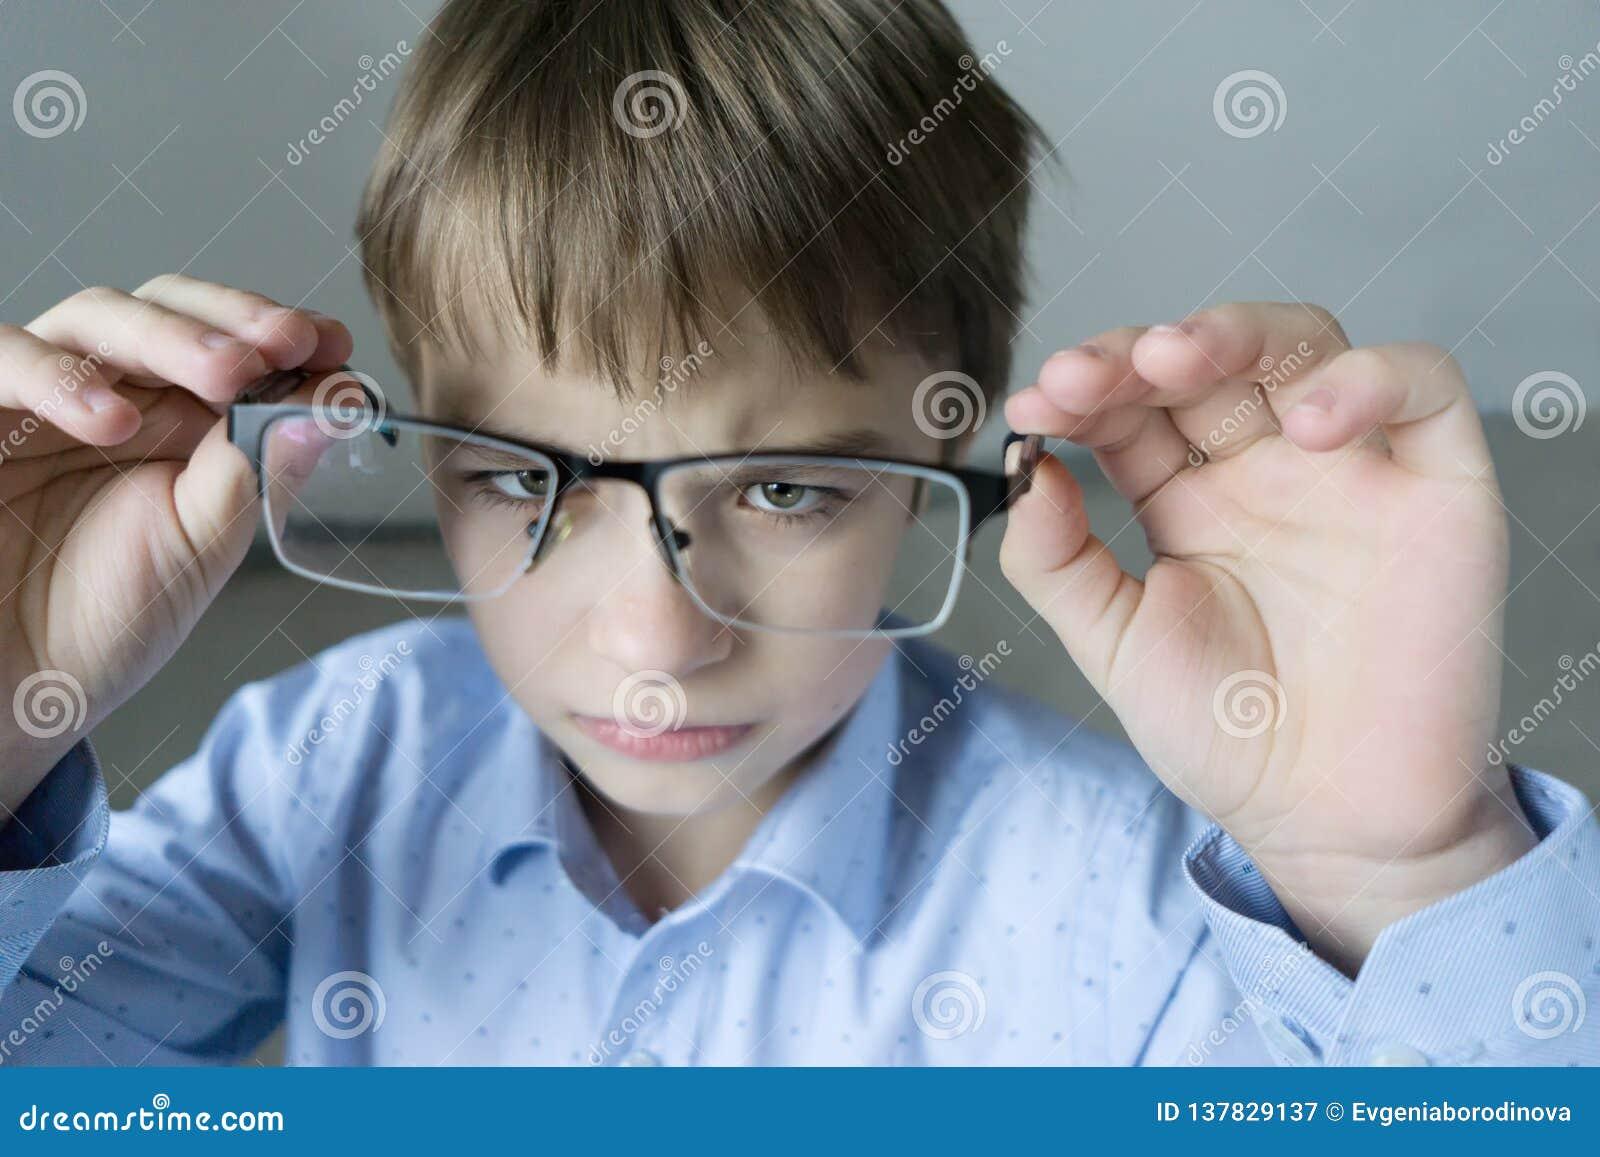 Ein 9-jähriger Junge in einem blauen Hemd mit Gläsern überprüft sein Sehvermögen Unzufrieden gemacht mit der Tatsache, die Gläser